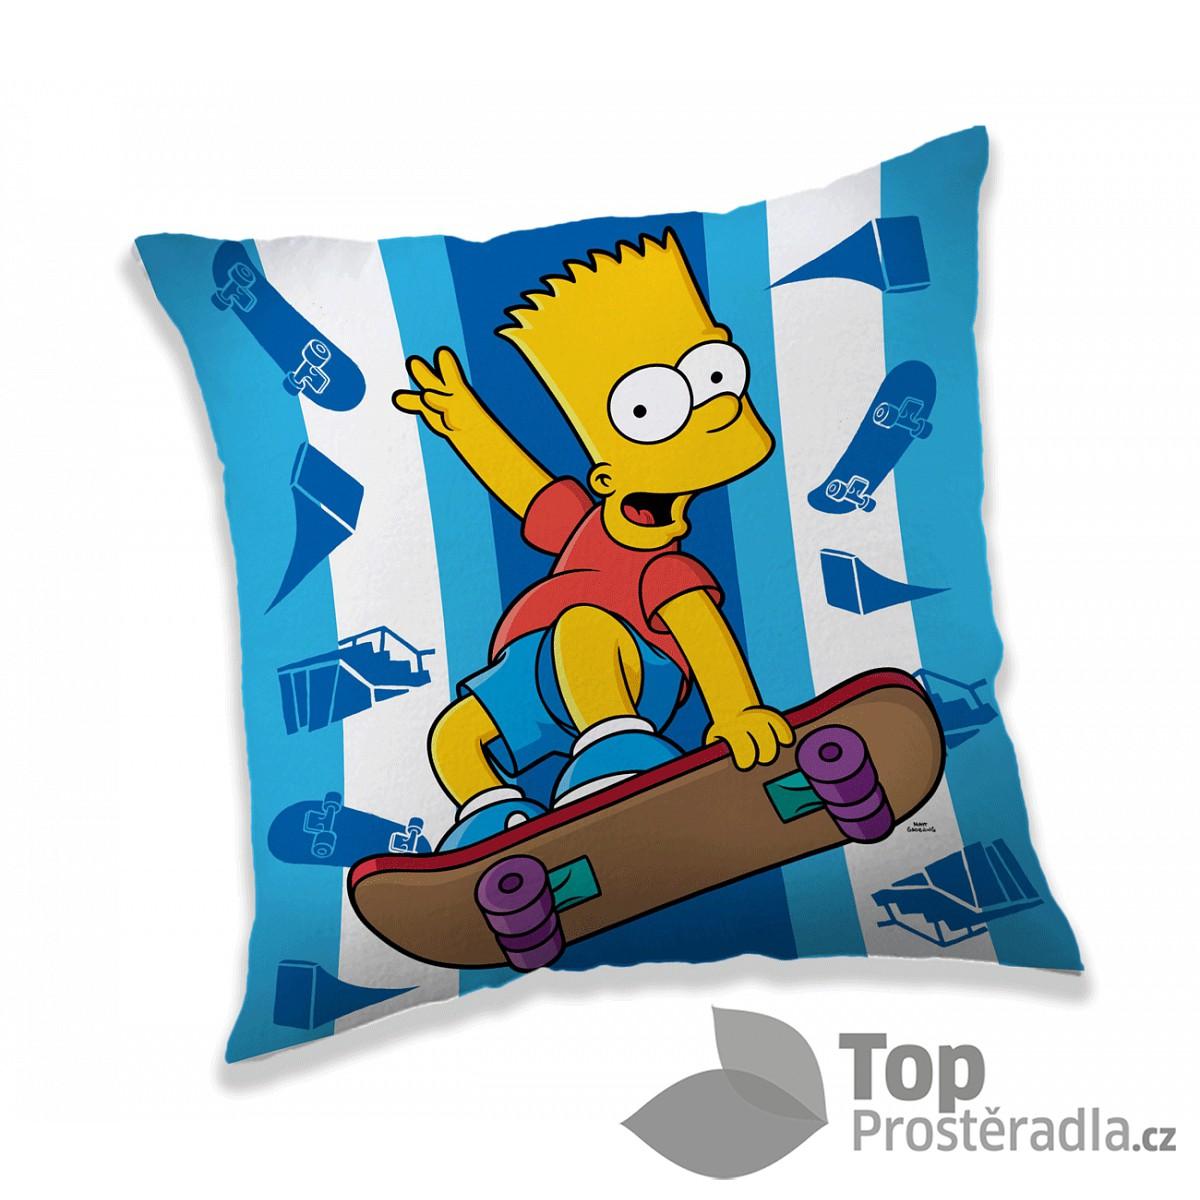 Dekorační polštářek 40x40 cm - Bart skater